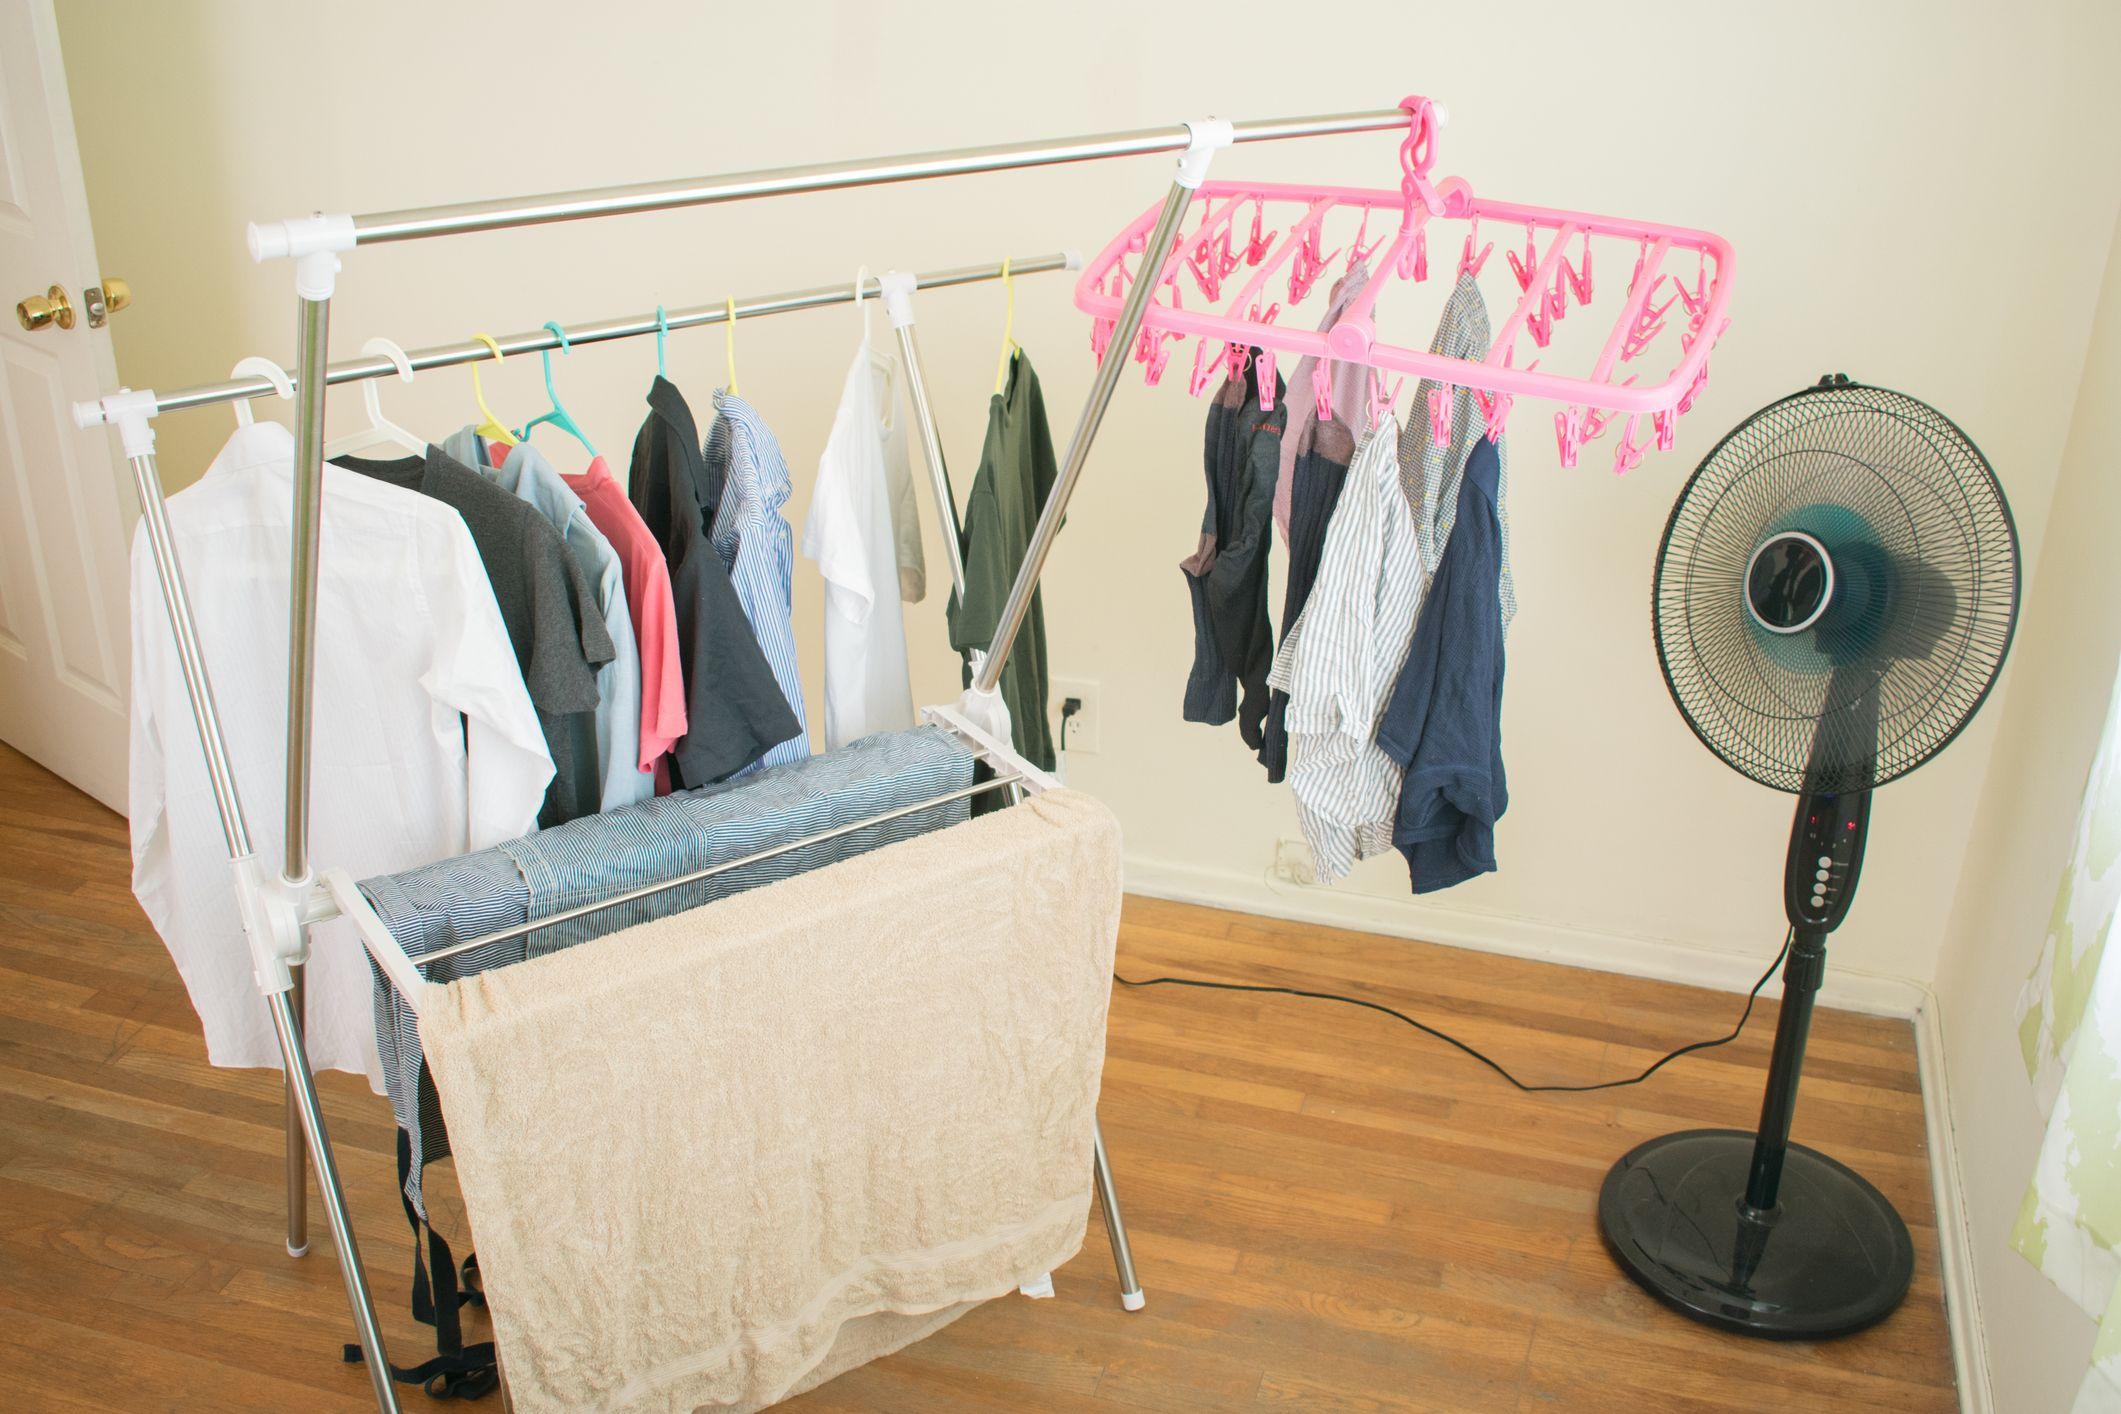 Resultado de imagen para ropa a lado del ventilador